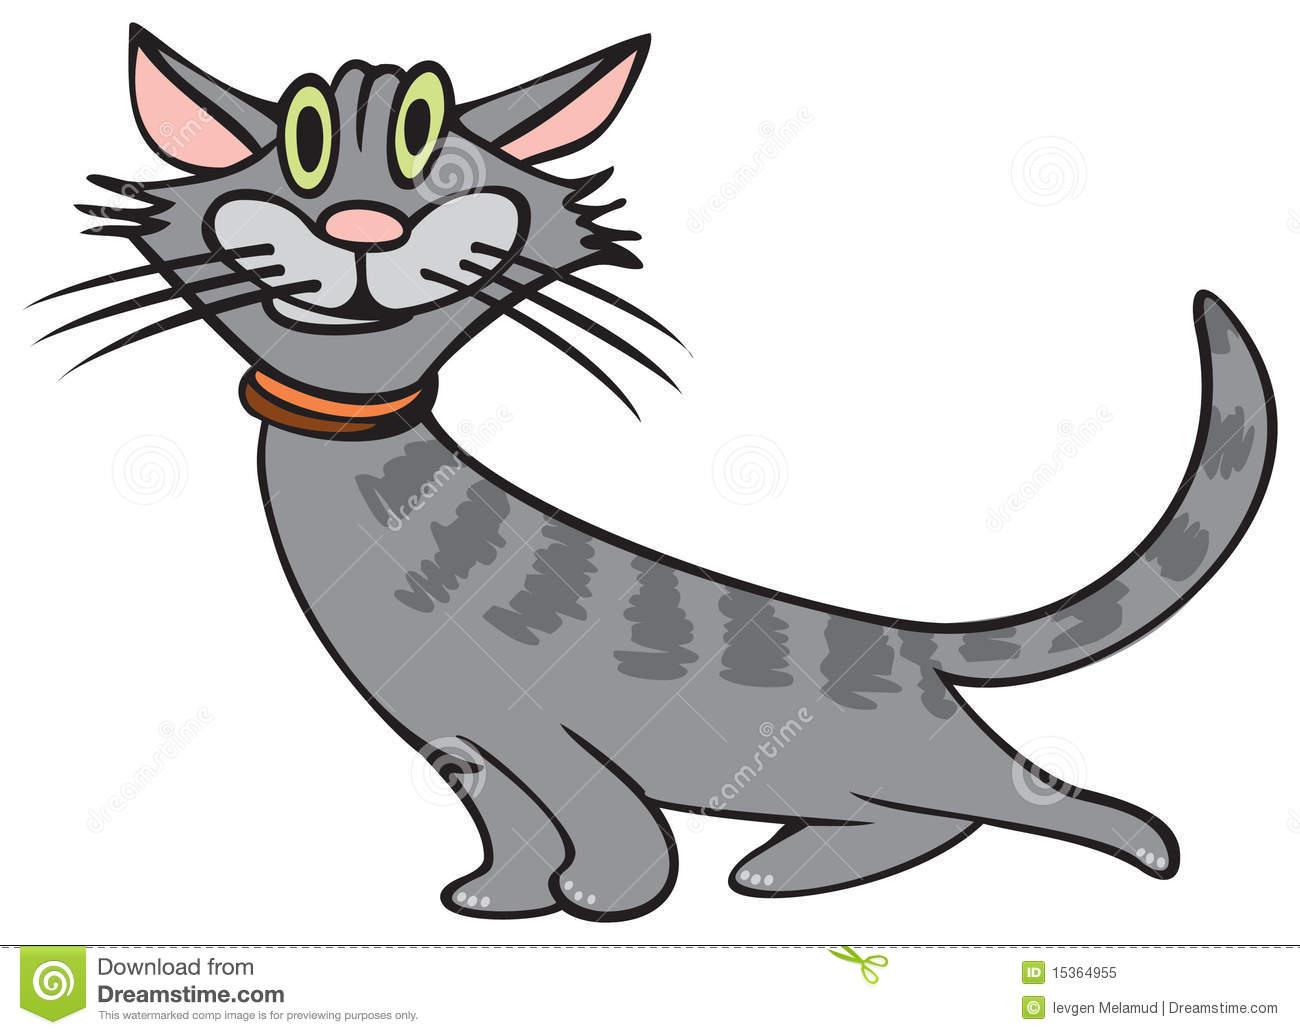 Tomcat clipart.